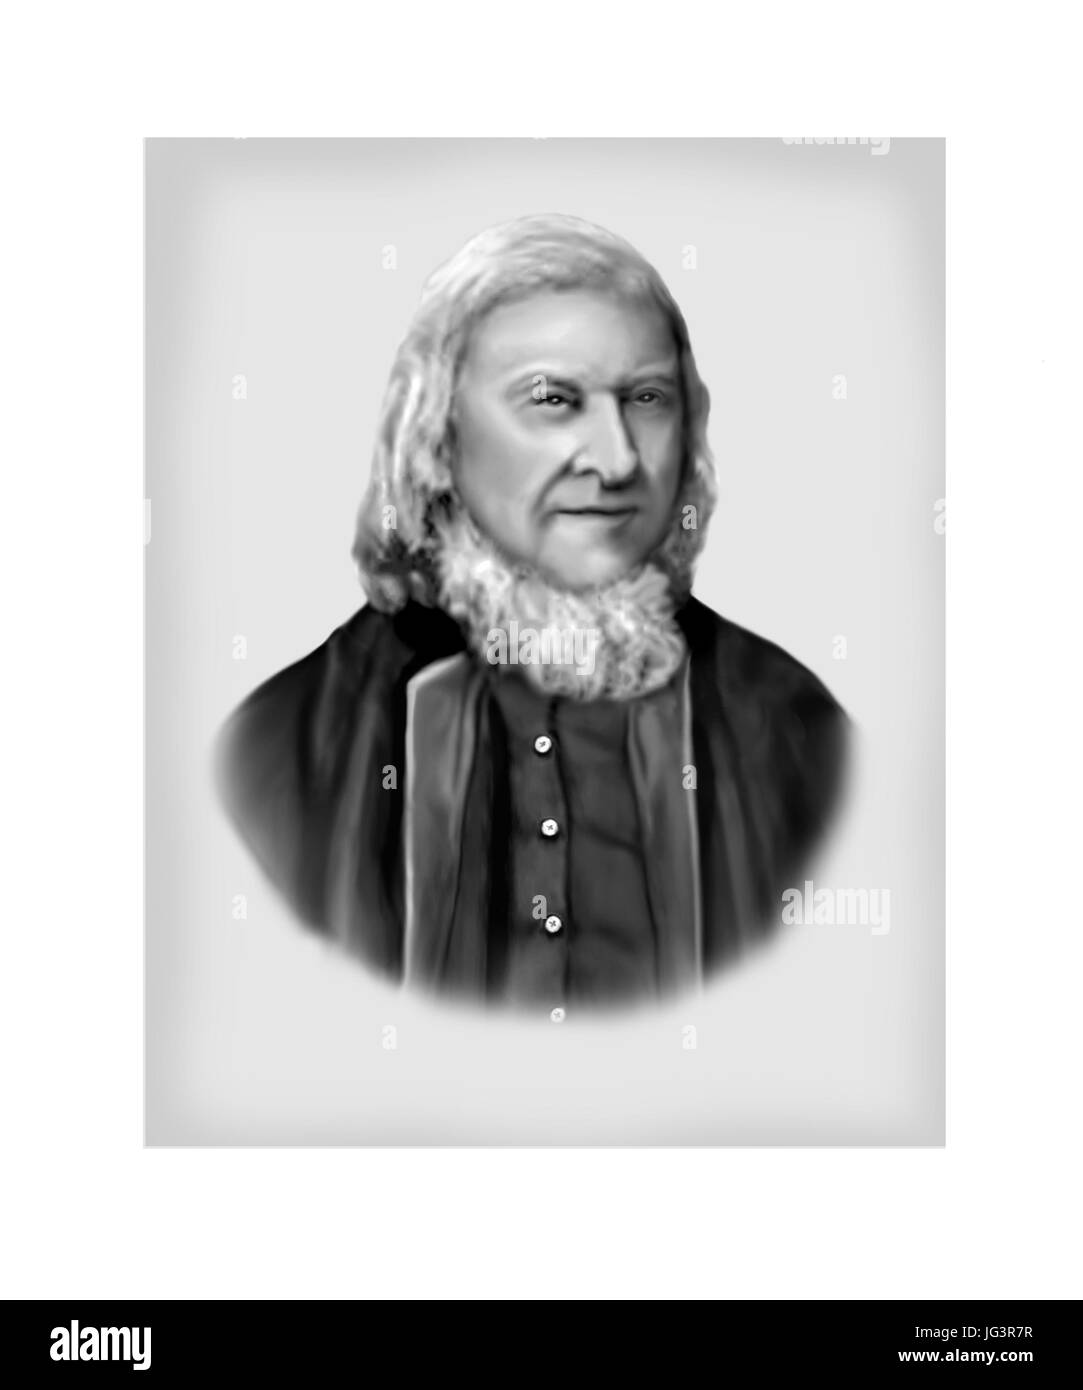 August Heinrich Hoffmann von Fallersleben, 1798 - 1874, German Poet - Stock Image